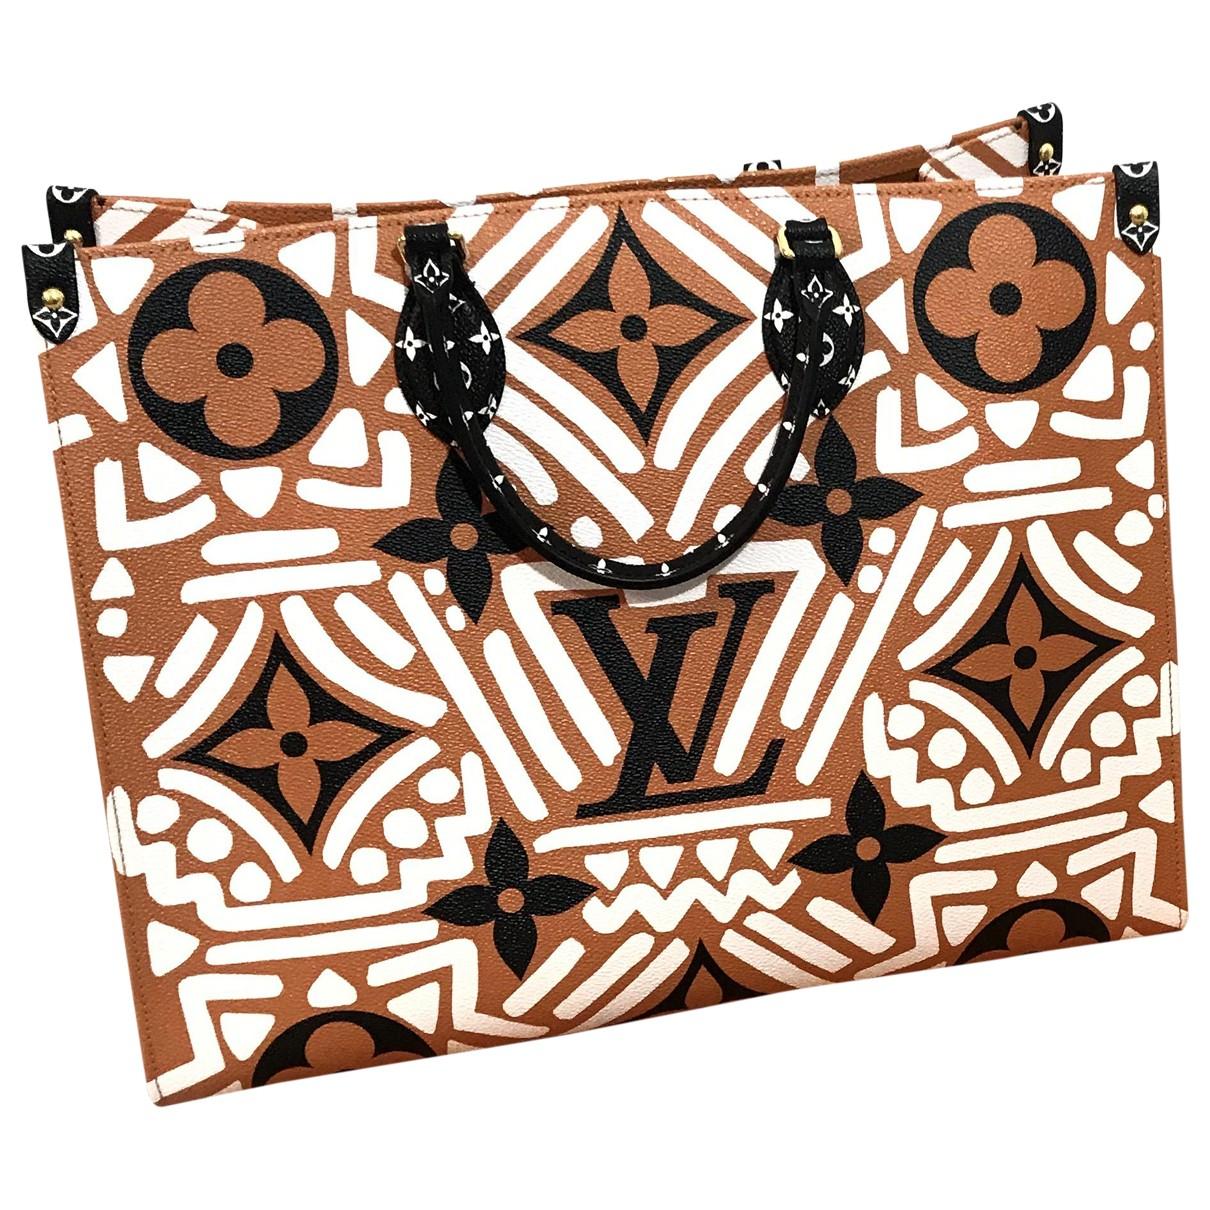 Louis Vuitton Onthego Handtasche in  Kamel Leinen